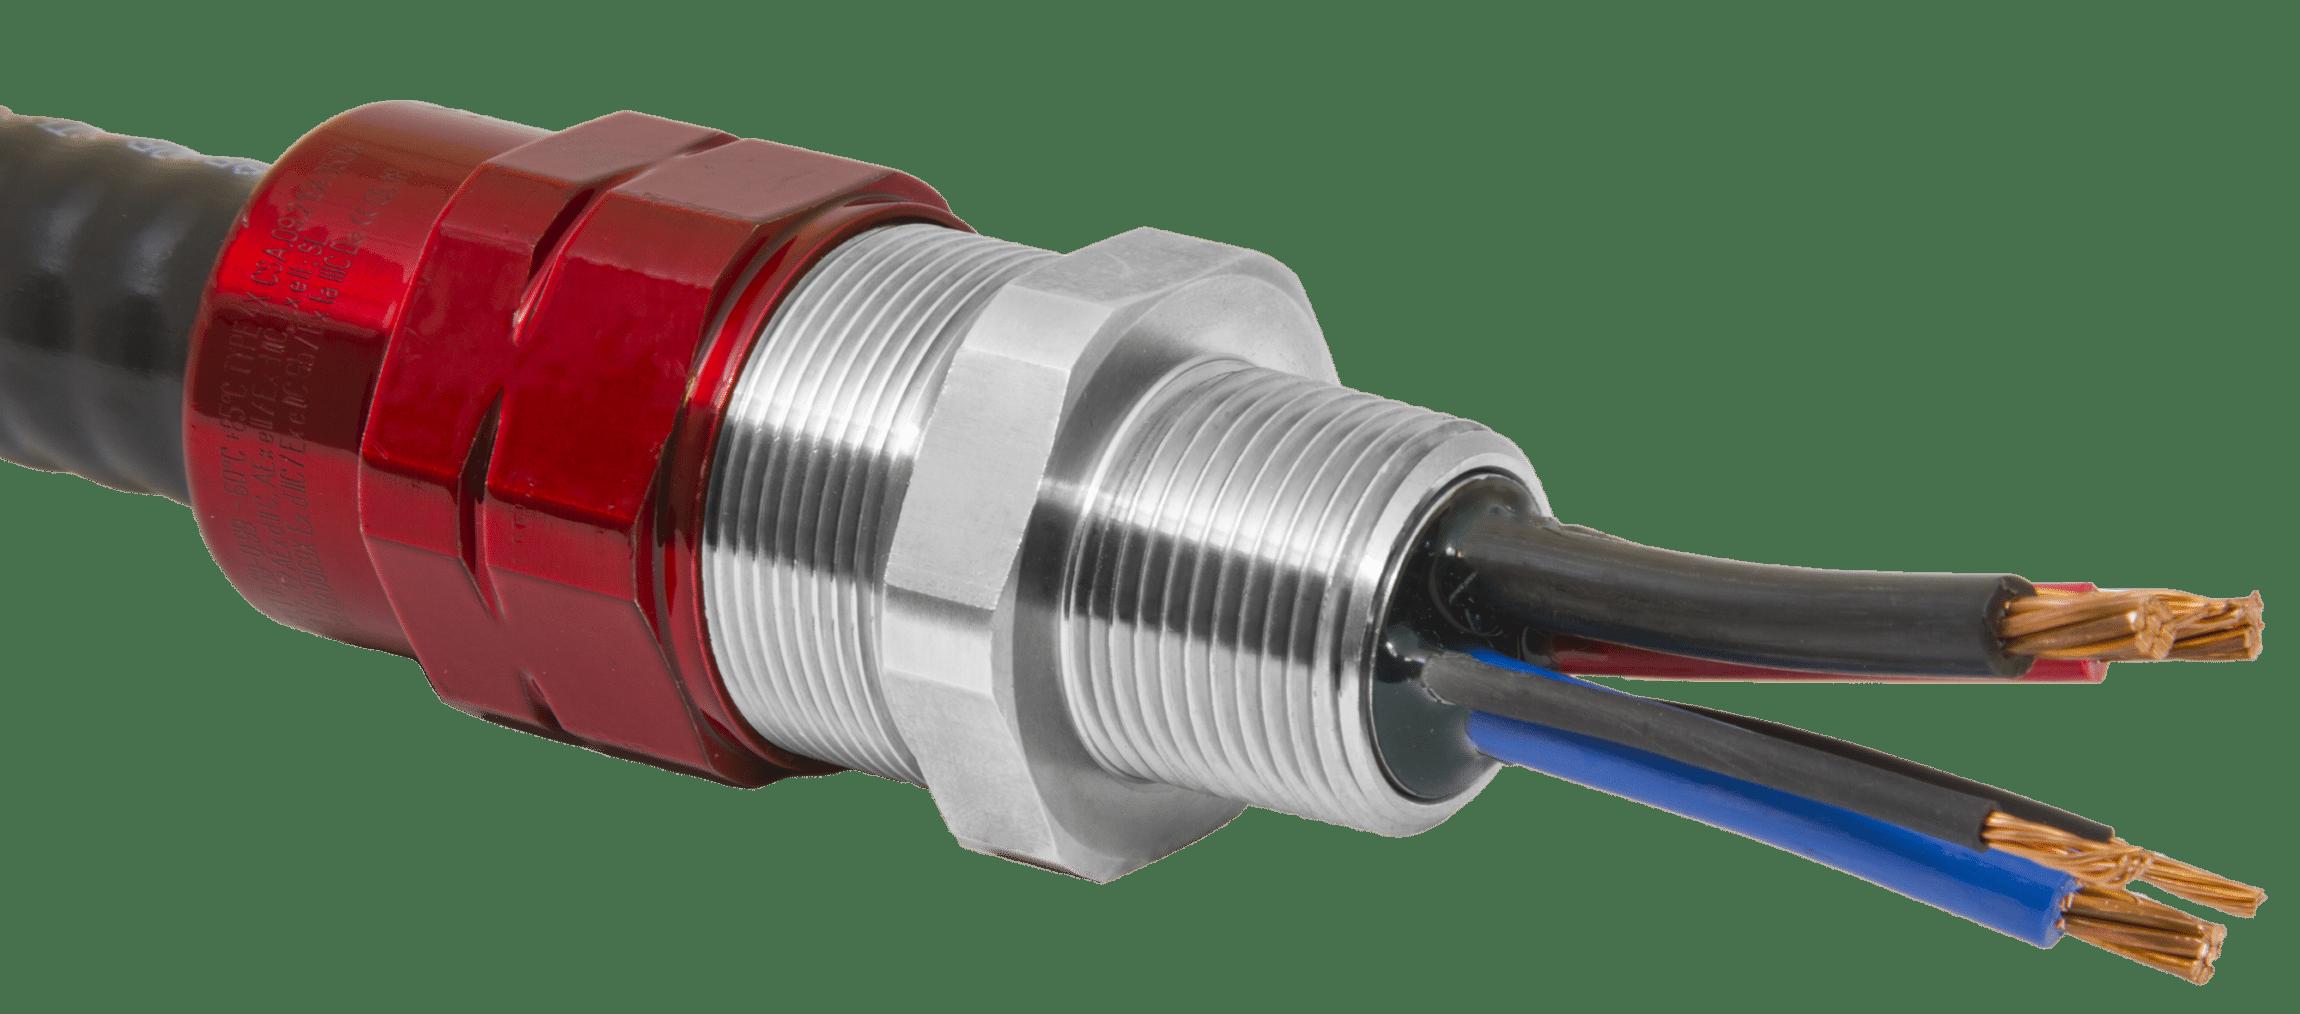 TMC2X Hazardous Barrier Cable Gland